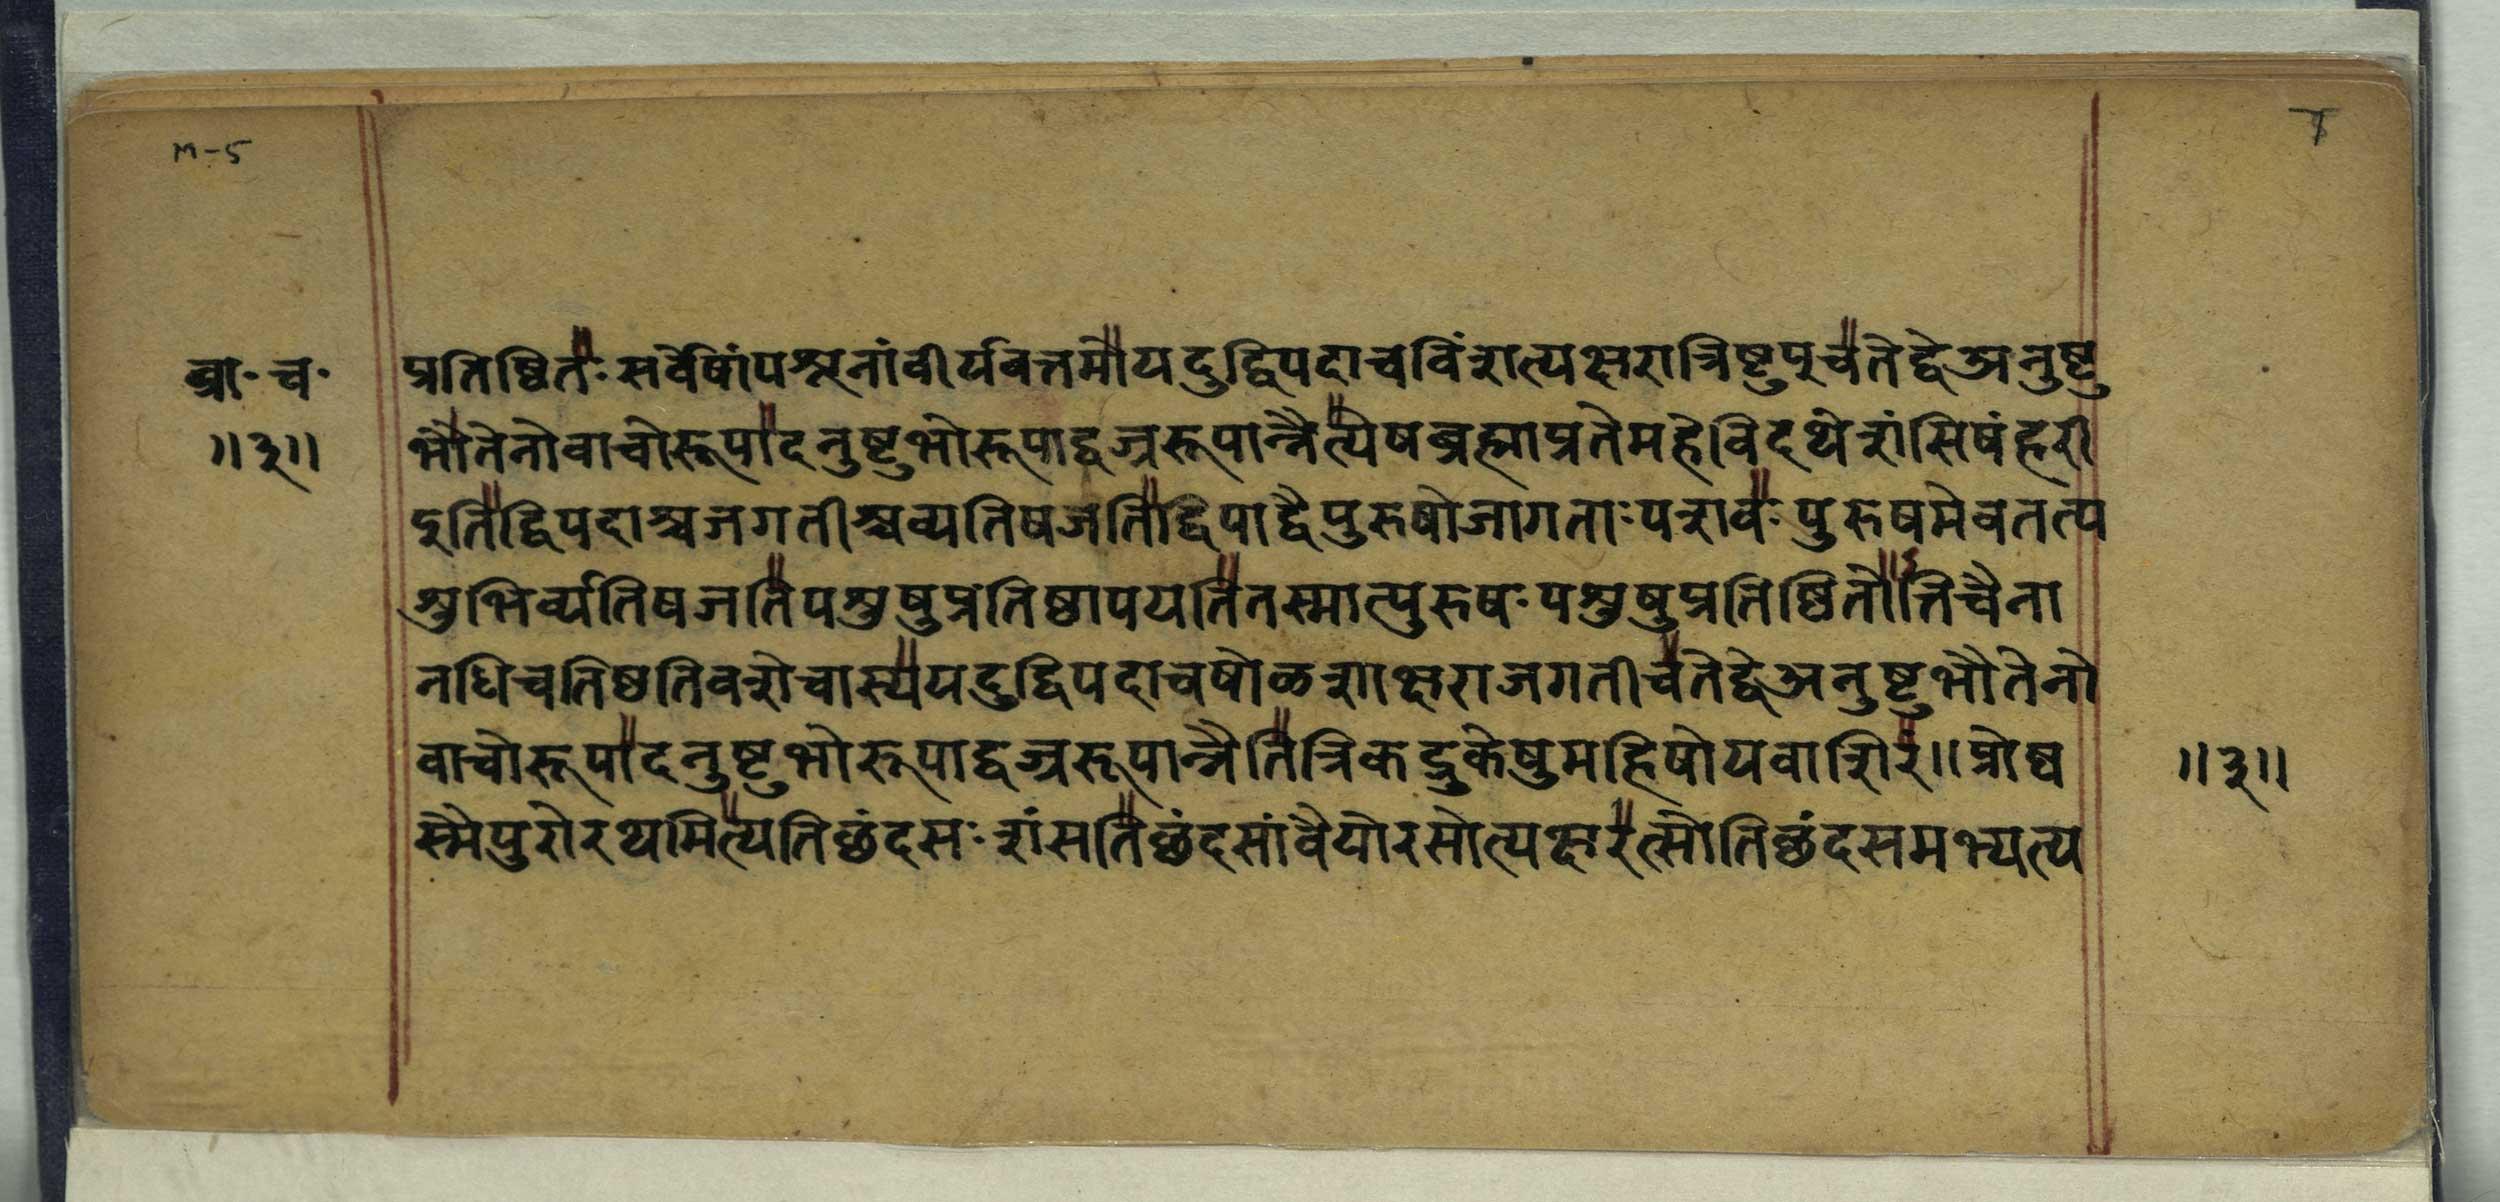 The Brahmanas